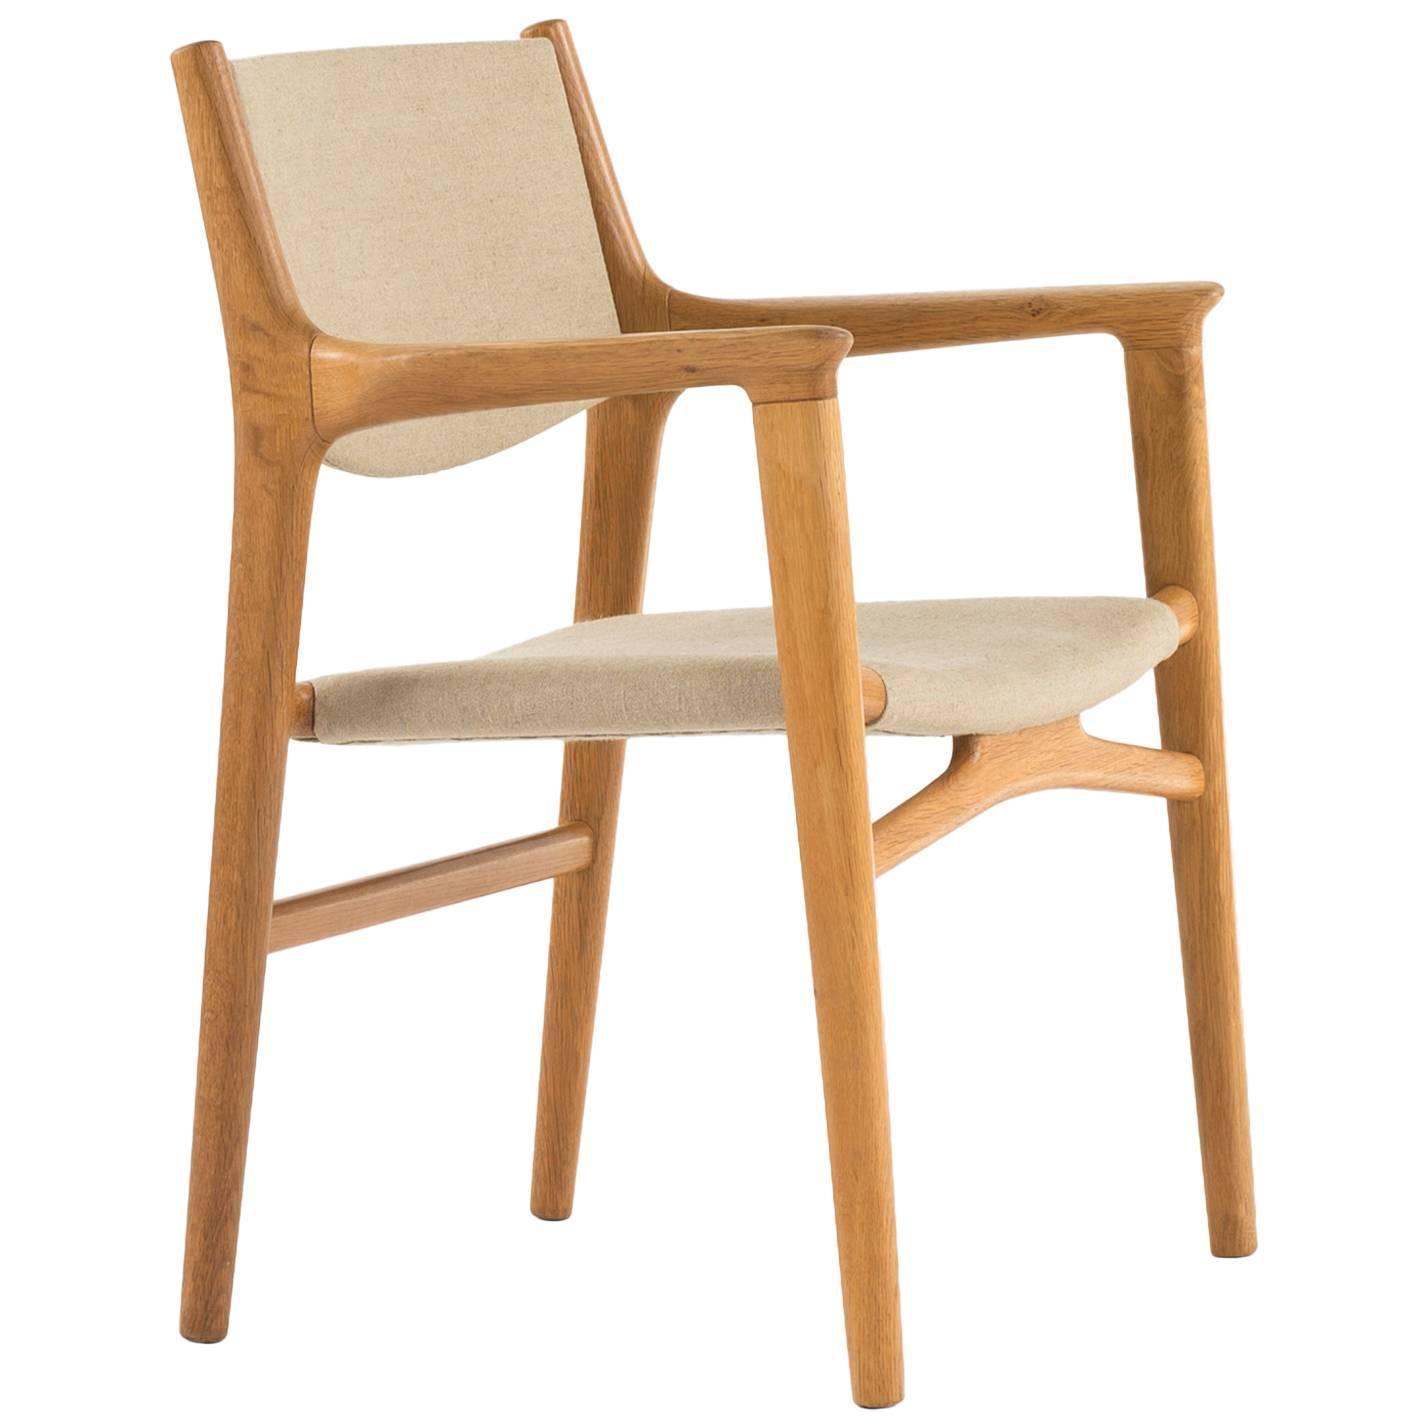 Hans Wegner Valet Chair in Teak for Johannes Hansen 1950s For